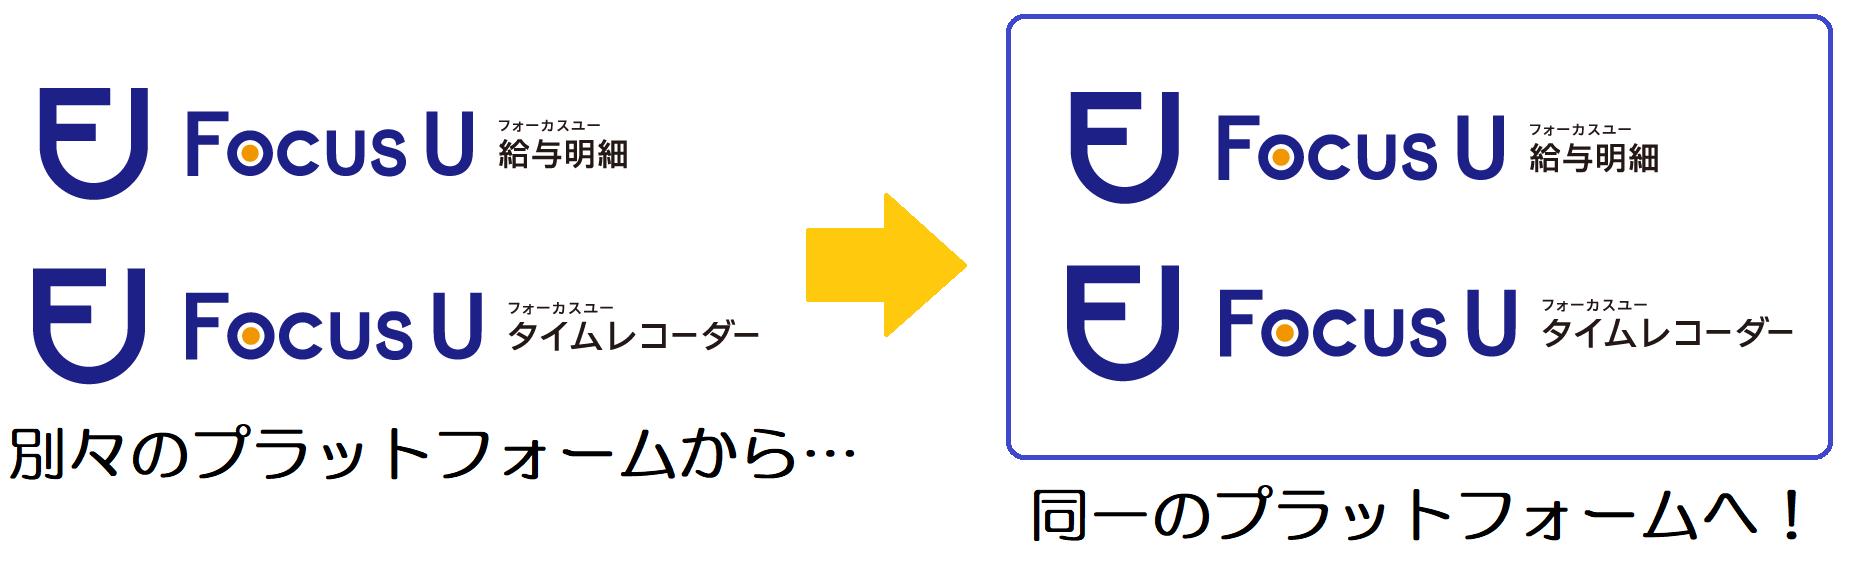 統合版2.png